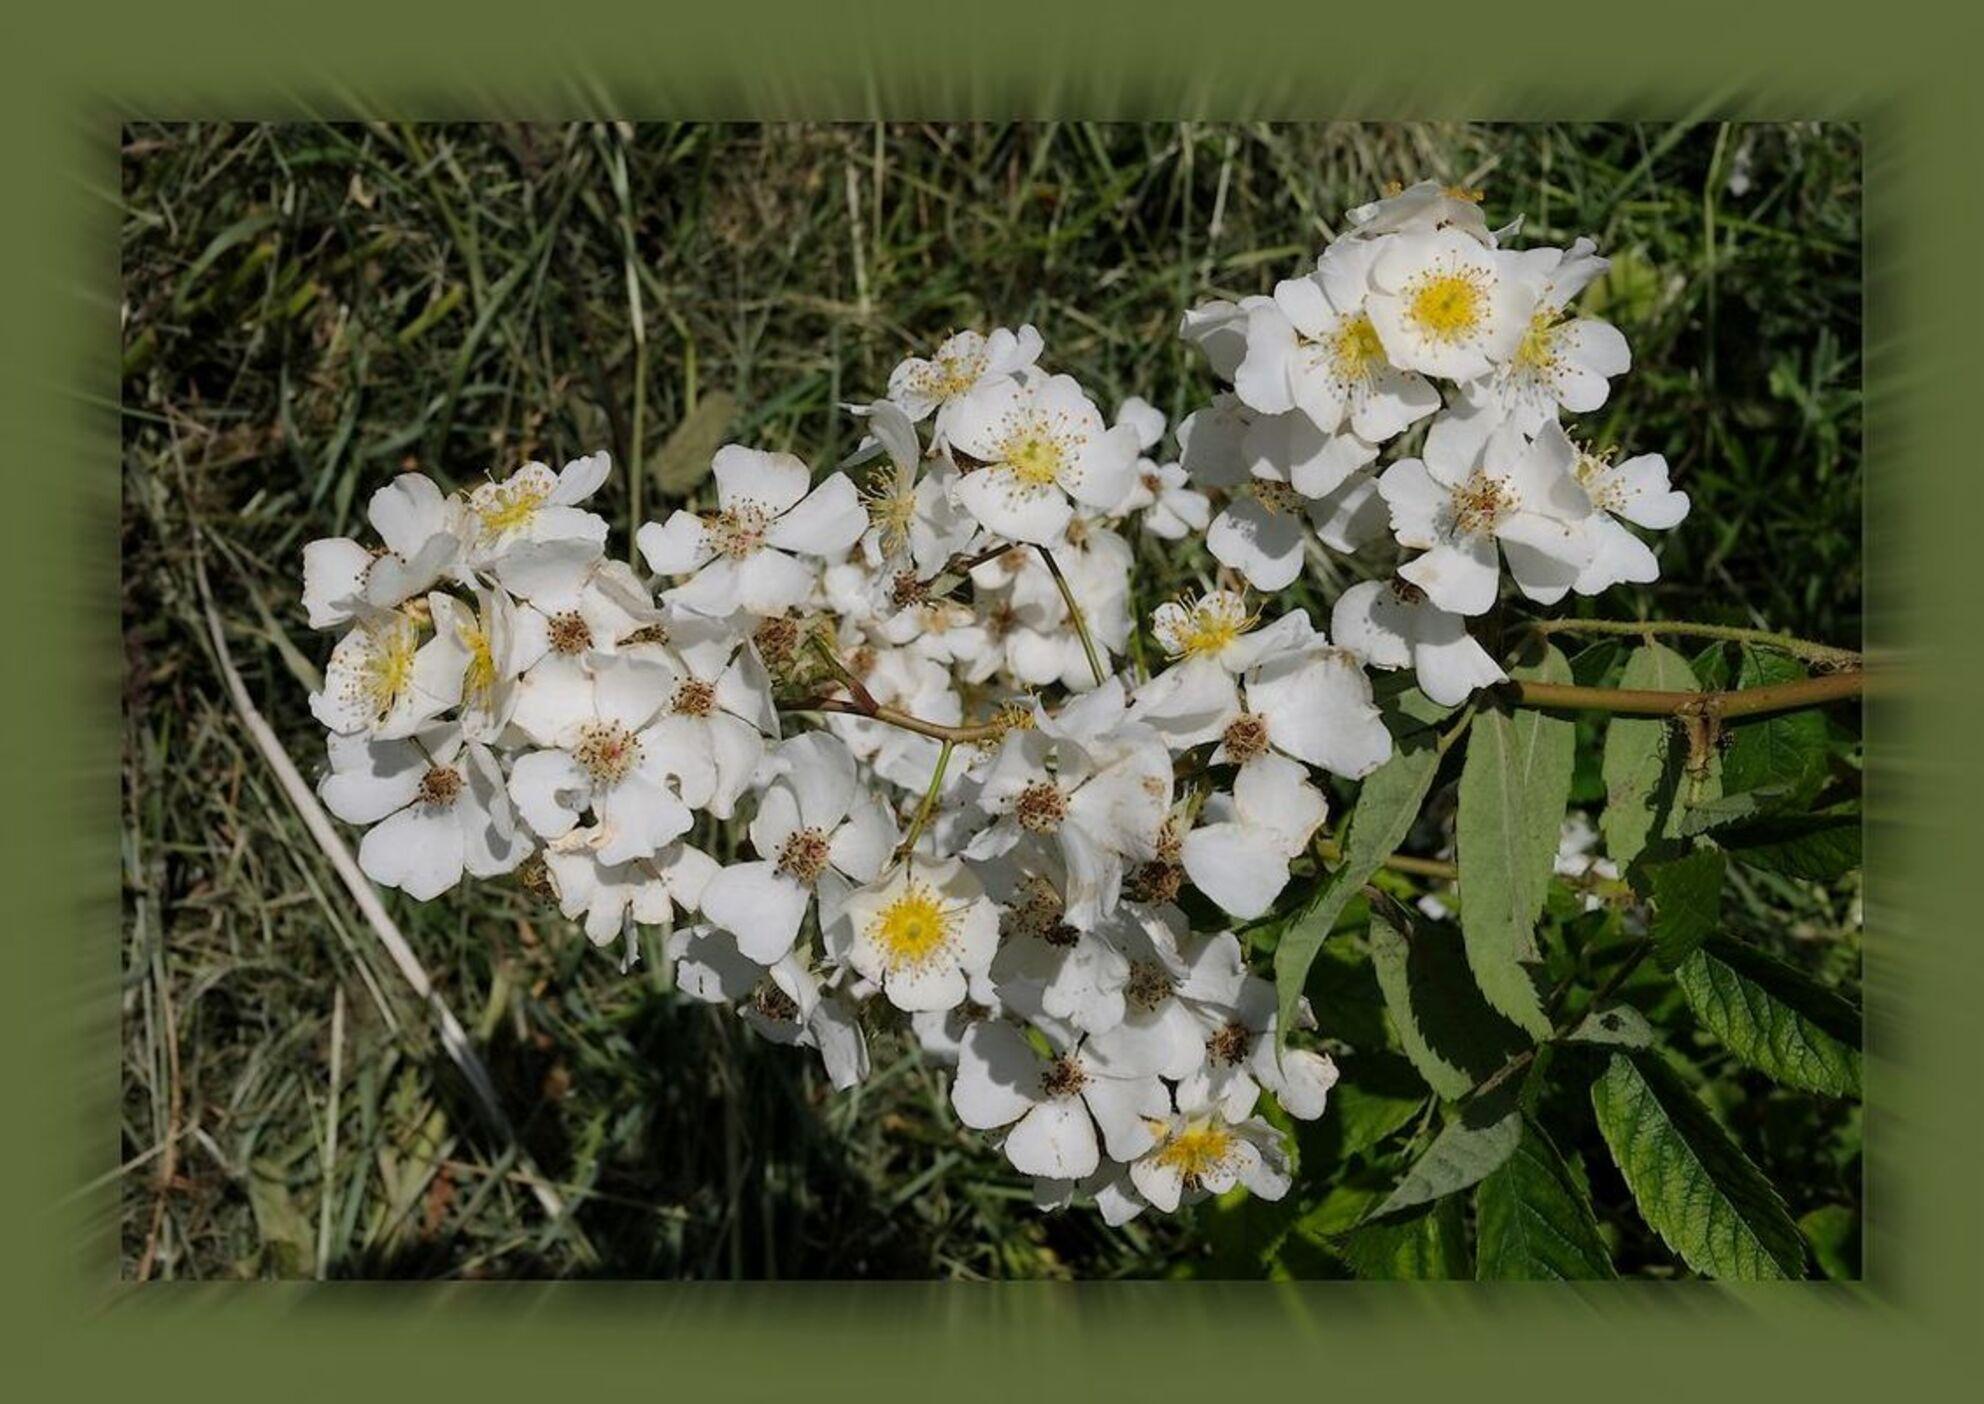 Voor veel Bramen... - Allen bedankt voor jullie reactie's op vele tinten groen..  Nu een groepje Bramen bloesem...  gr jenny.. - foto door jenny42 op 25-06-2019 - deze foto bevat: groen, zon, bloem, lente, natuur, geel, licht, blad, landschap, nederland, meppel, bramenbloesem.